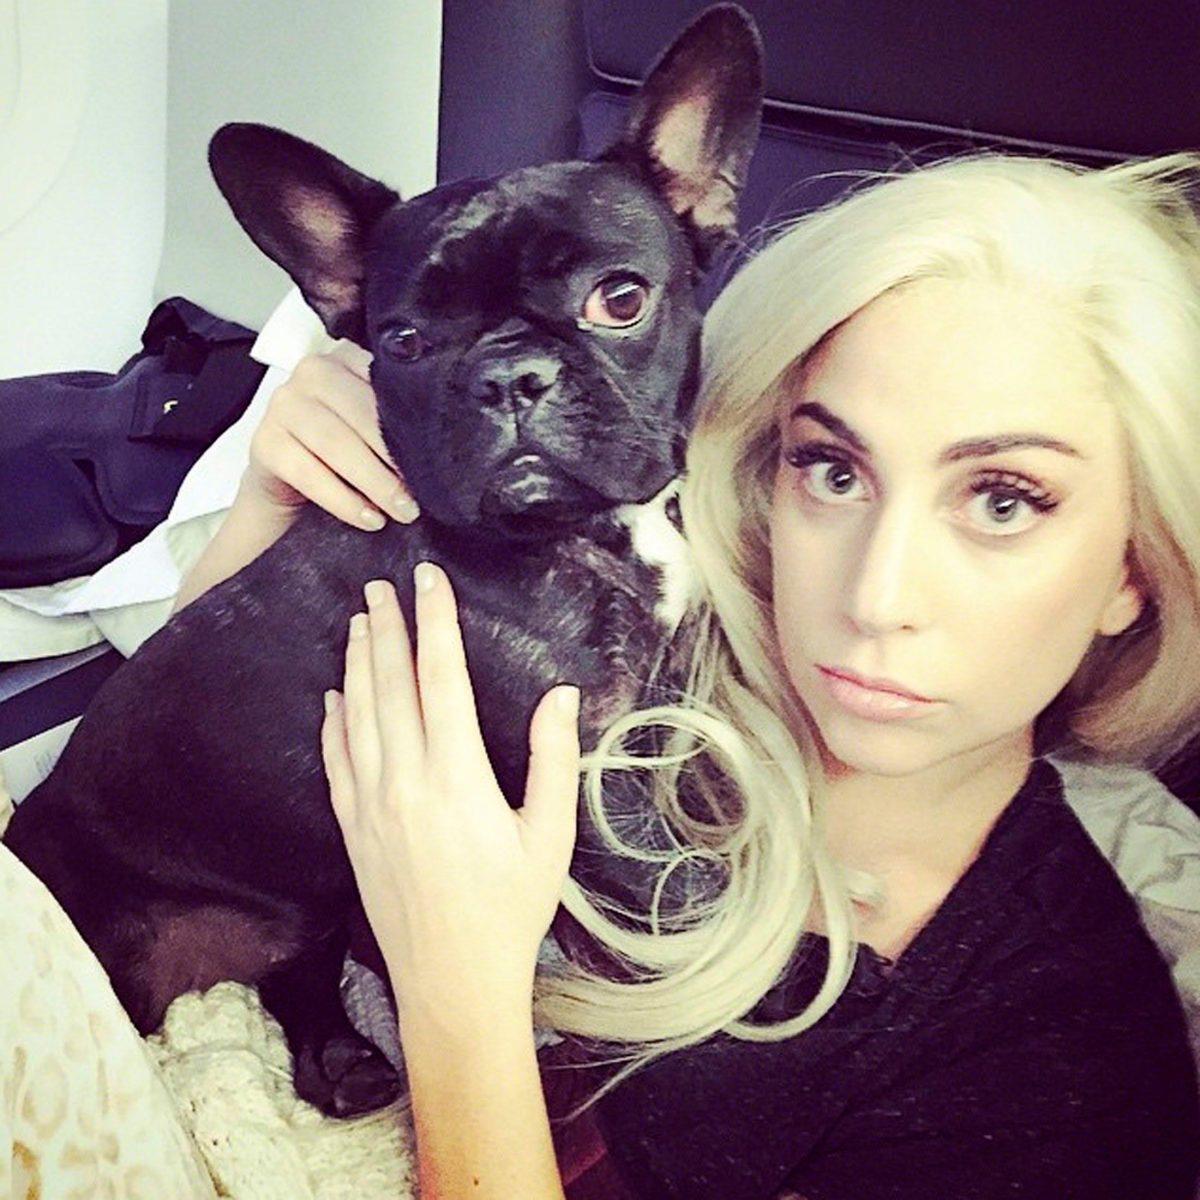 (Видео) Лејди Гага ќе плати скоро 100 илјади долари за чуварот на нејзините кучиња